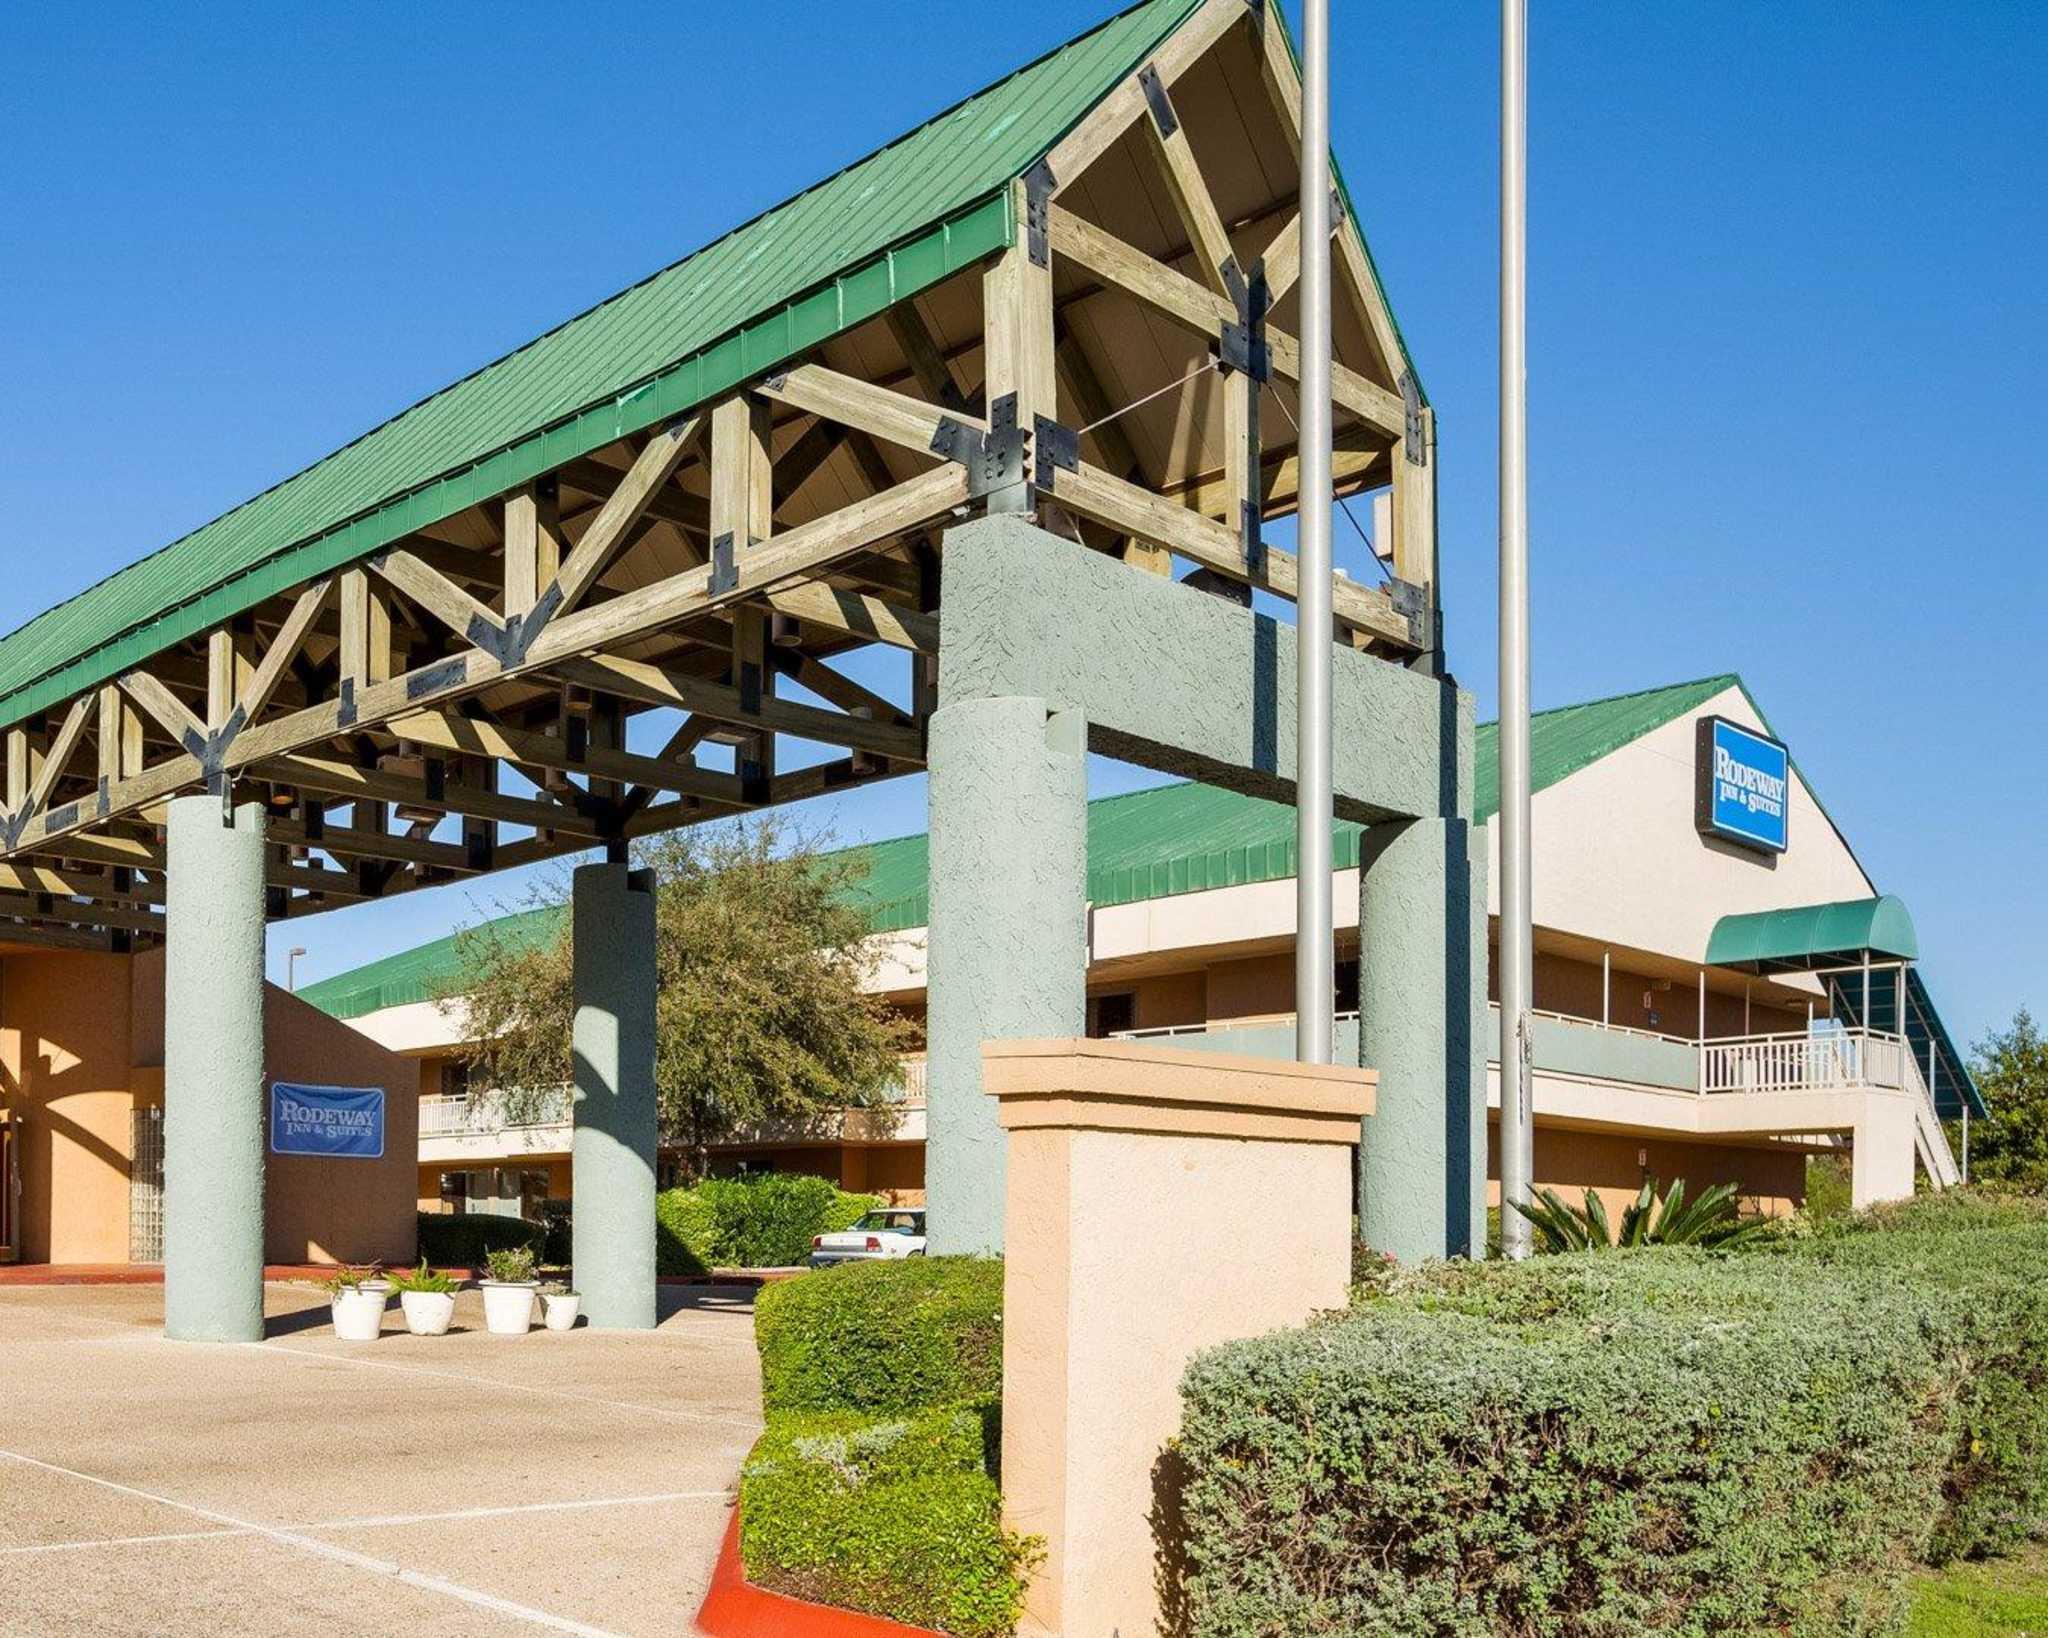 Rodeway Inn & Suites Fiesta Park image 4